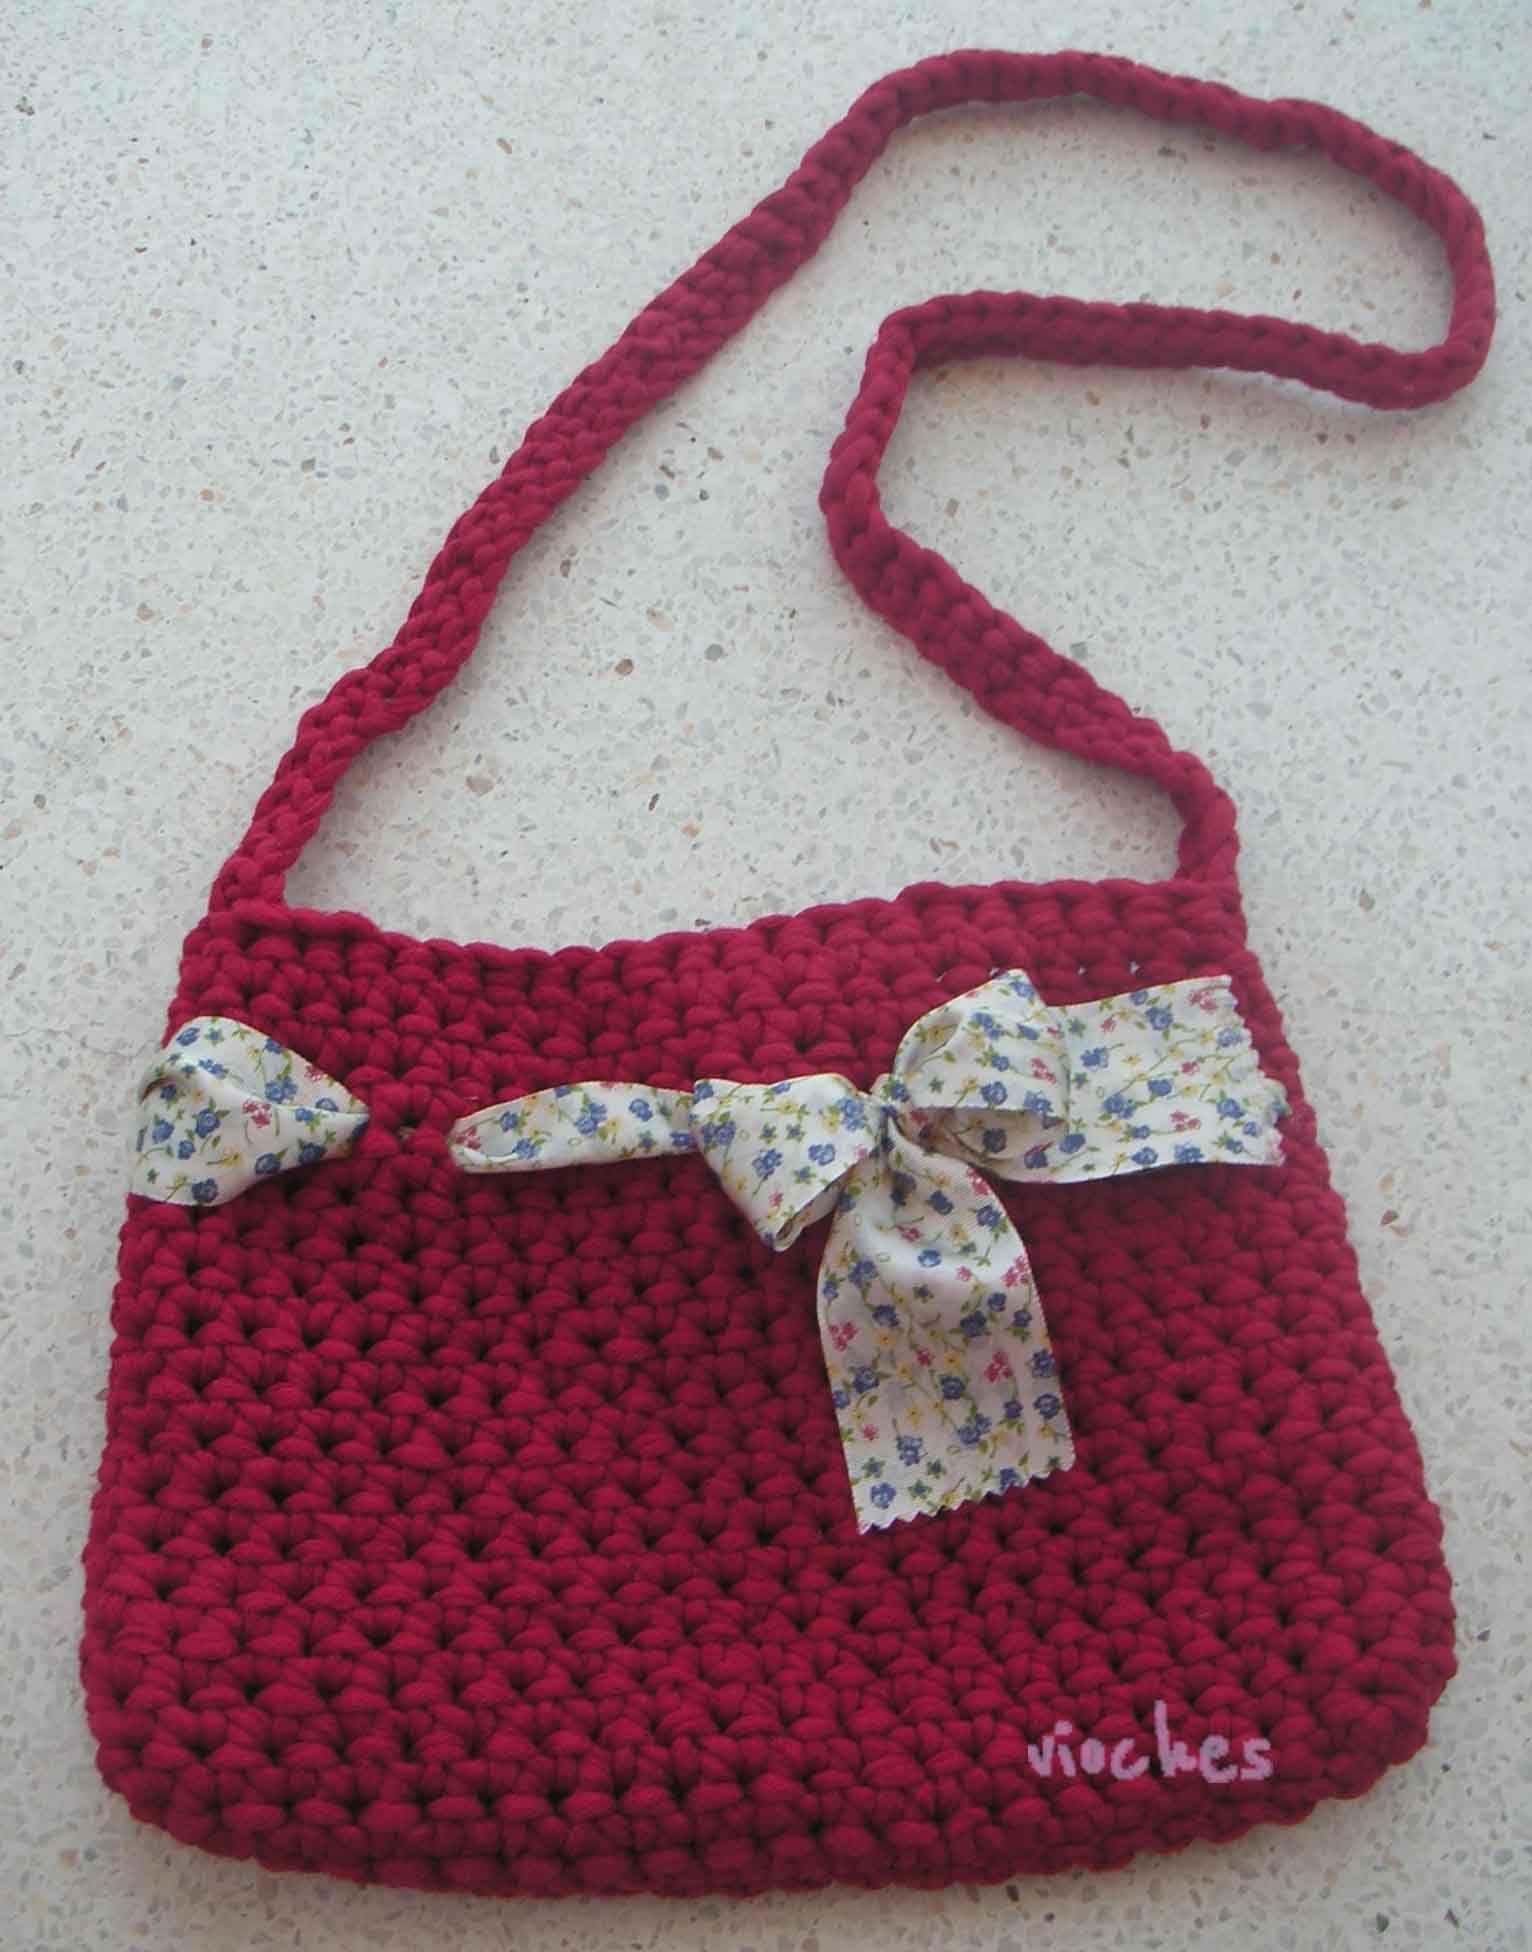 El bolso color cereza de tamaño grande, también es de tipo bandolera. Lo decora un lazo de flores en tonalidades azules.